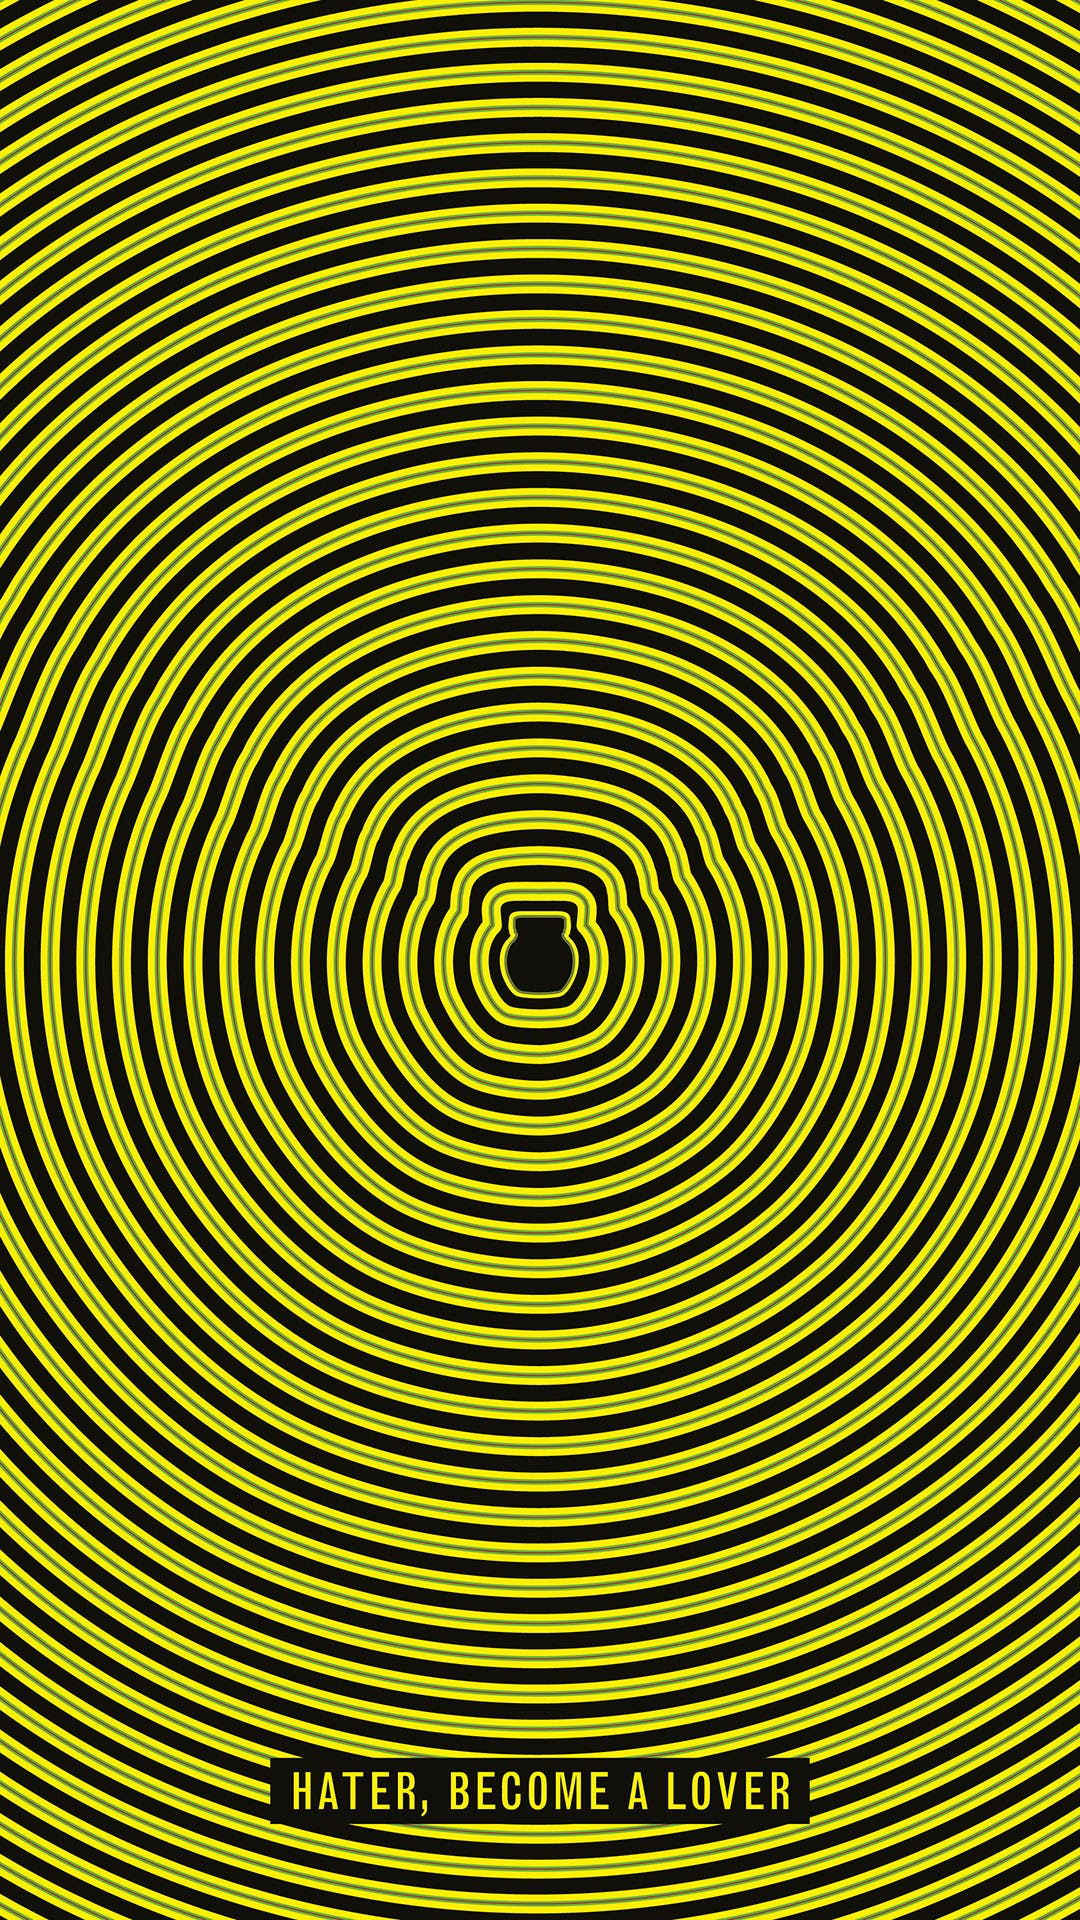 Marmite Mind Control ad by adam&eveDDB